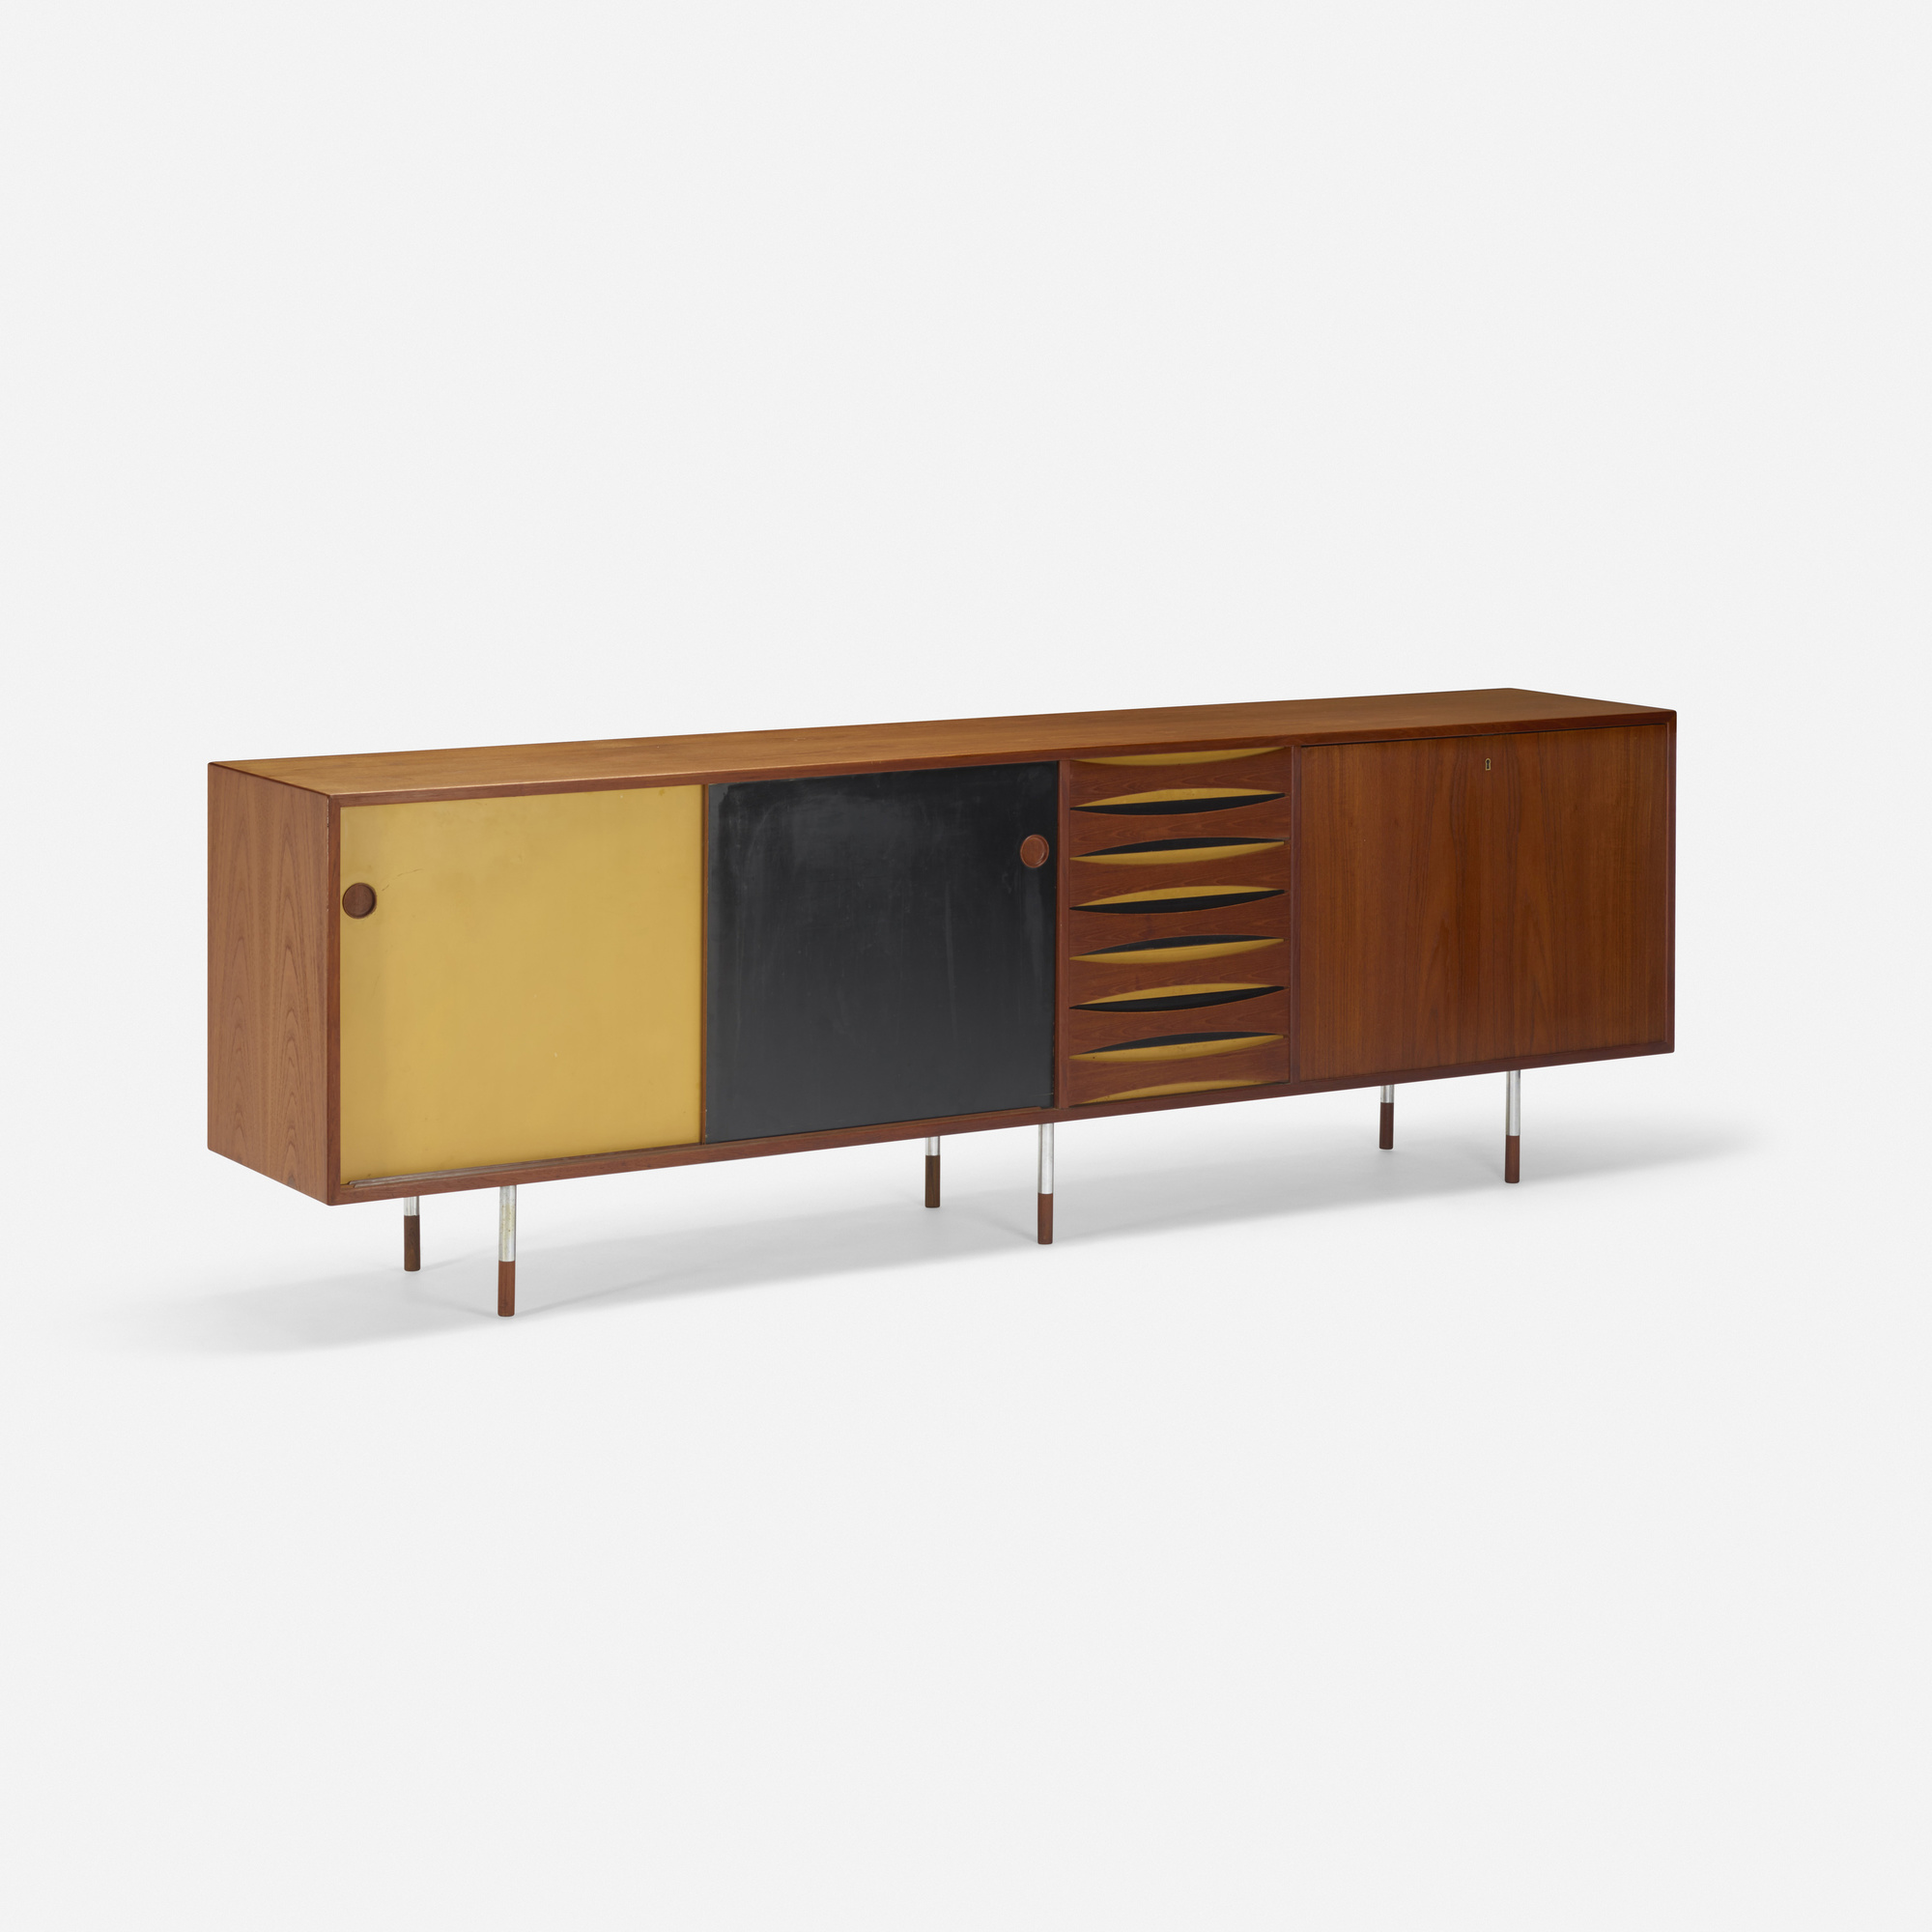 157: Arne Vodder / cabinet (2 of 3)